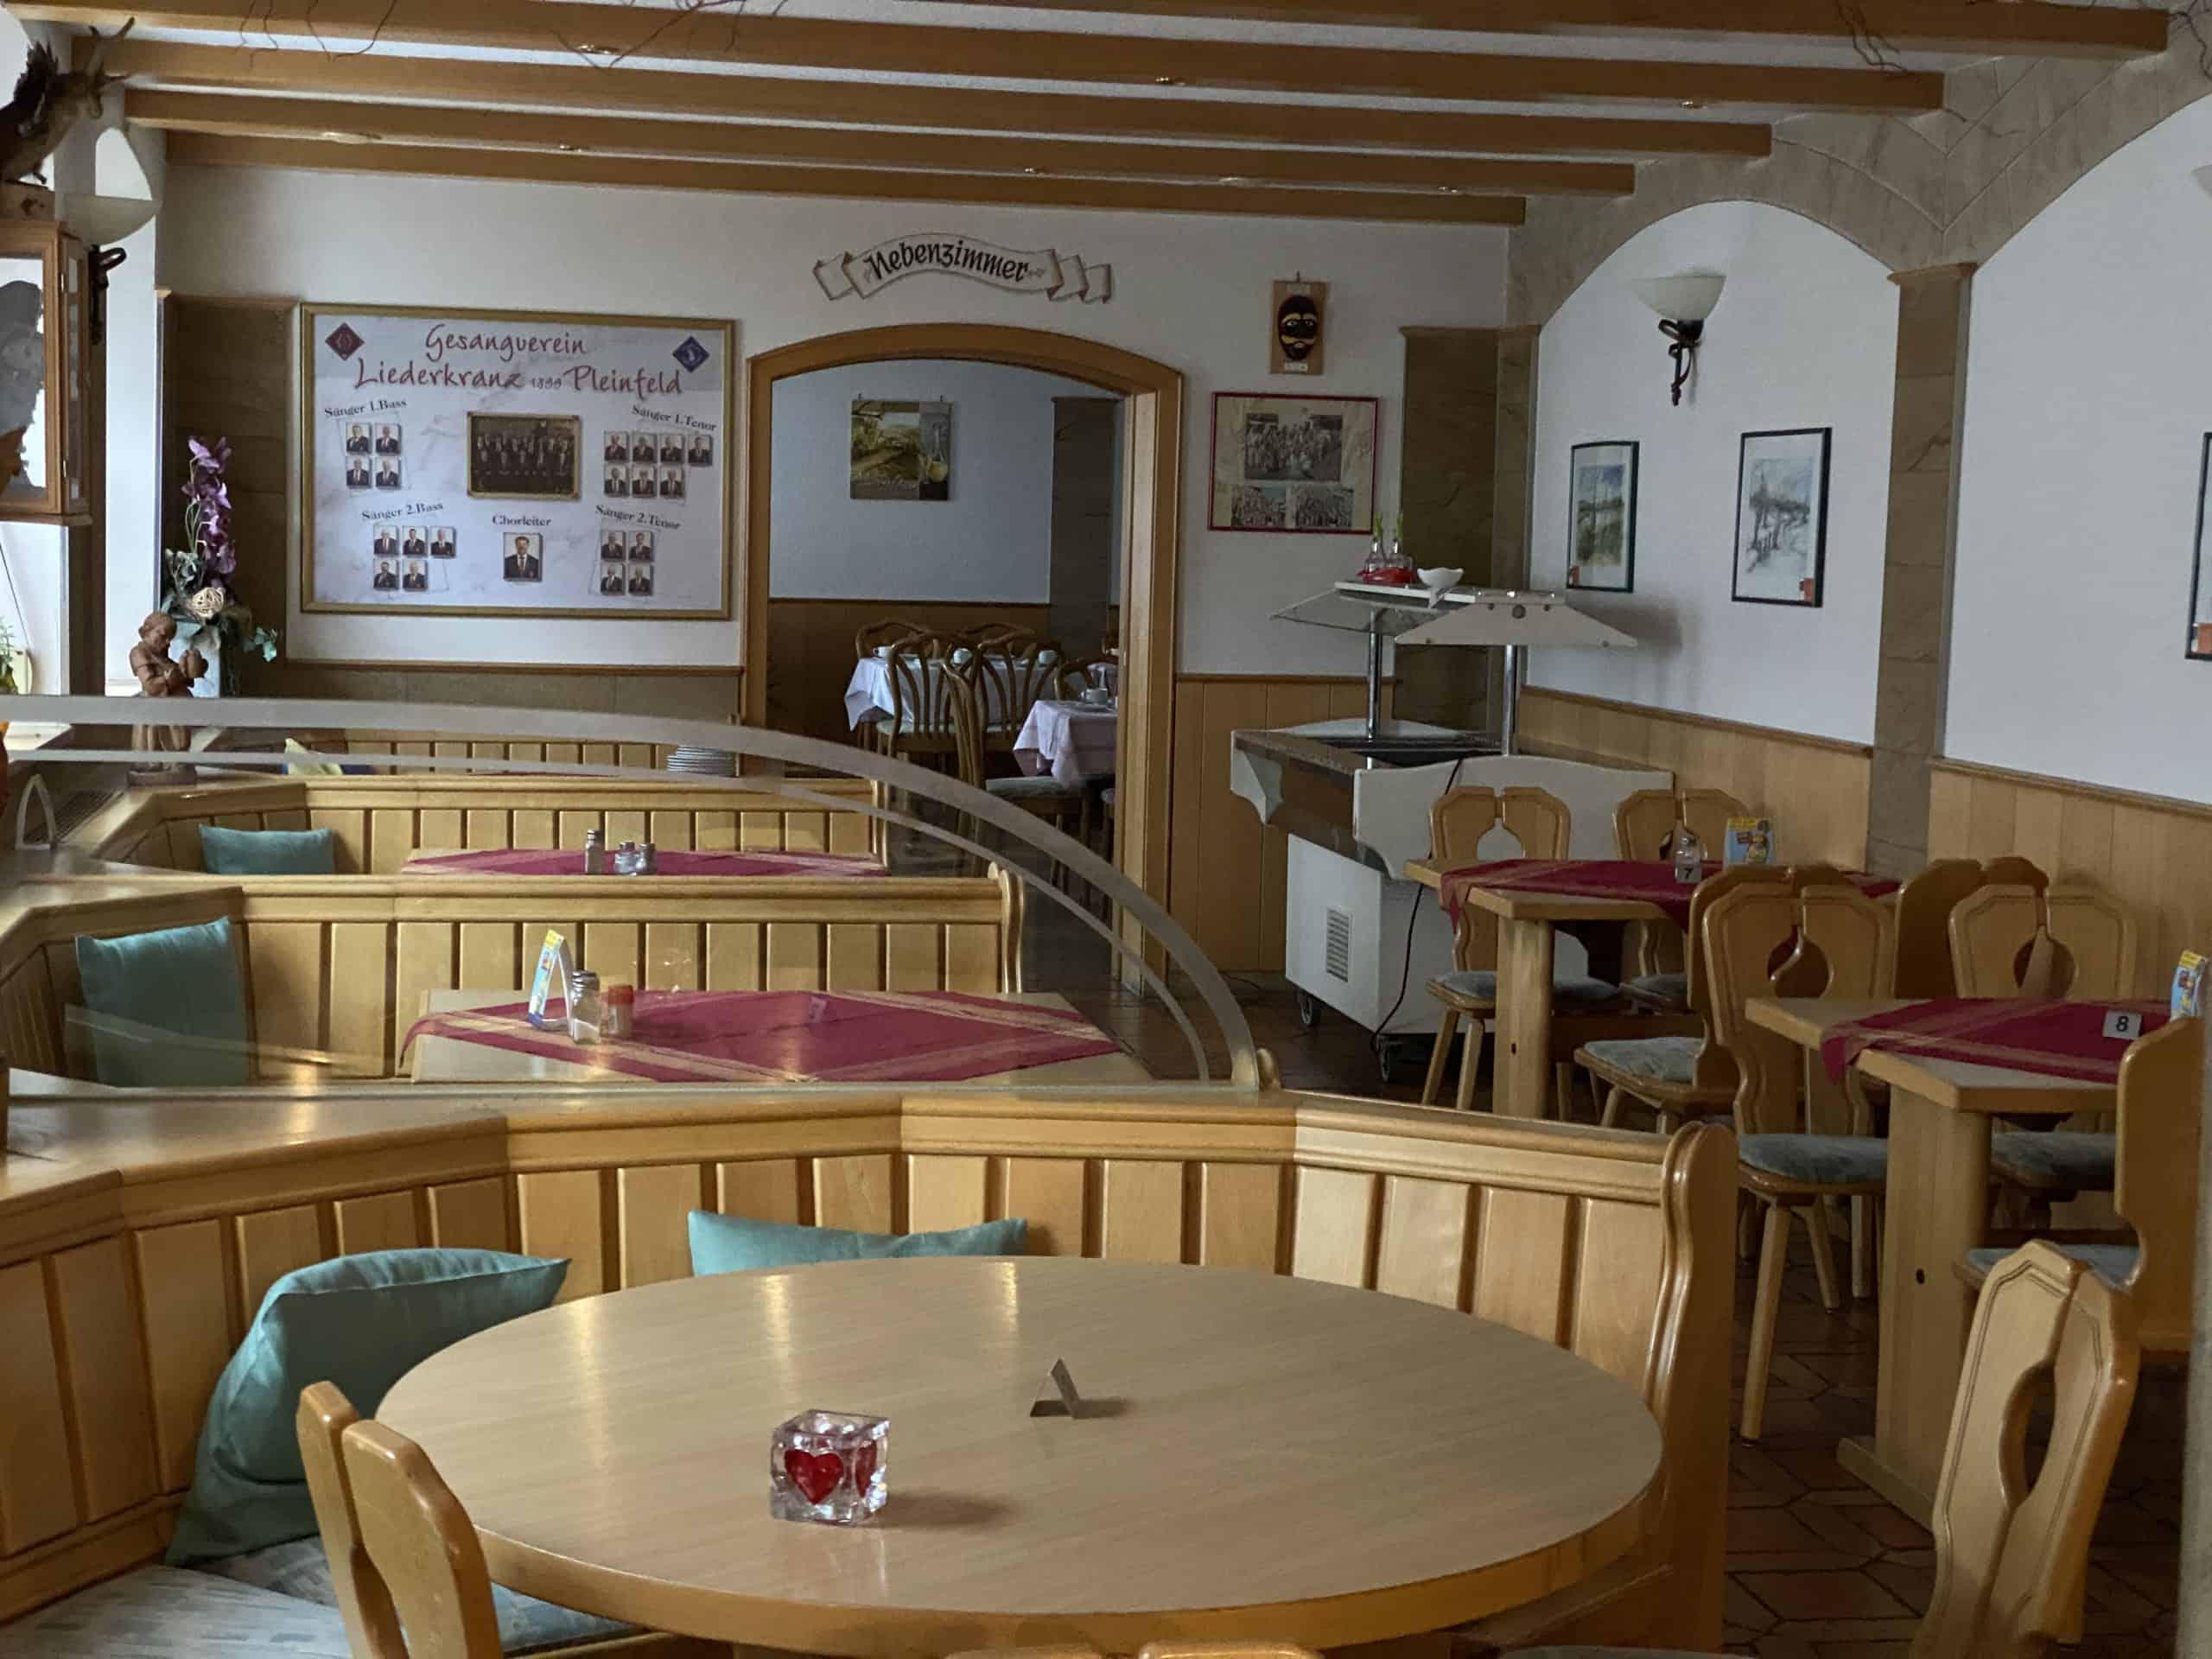 Gemütliche Gastwirtschaft in Pleinfeld am Brombachsee